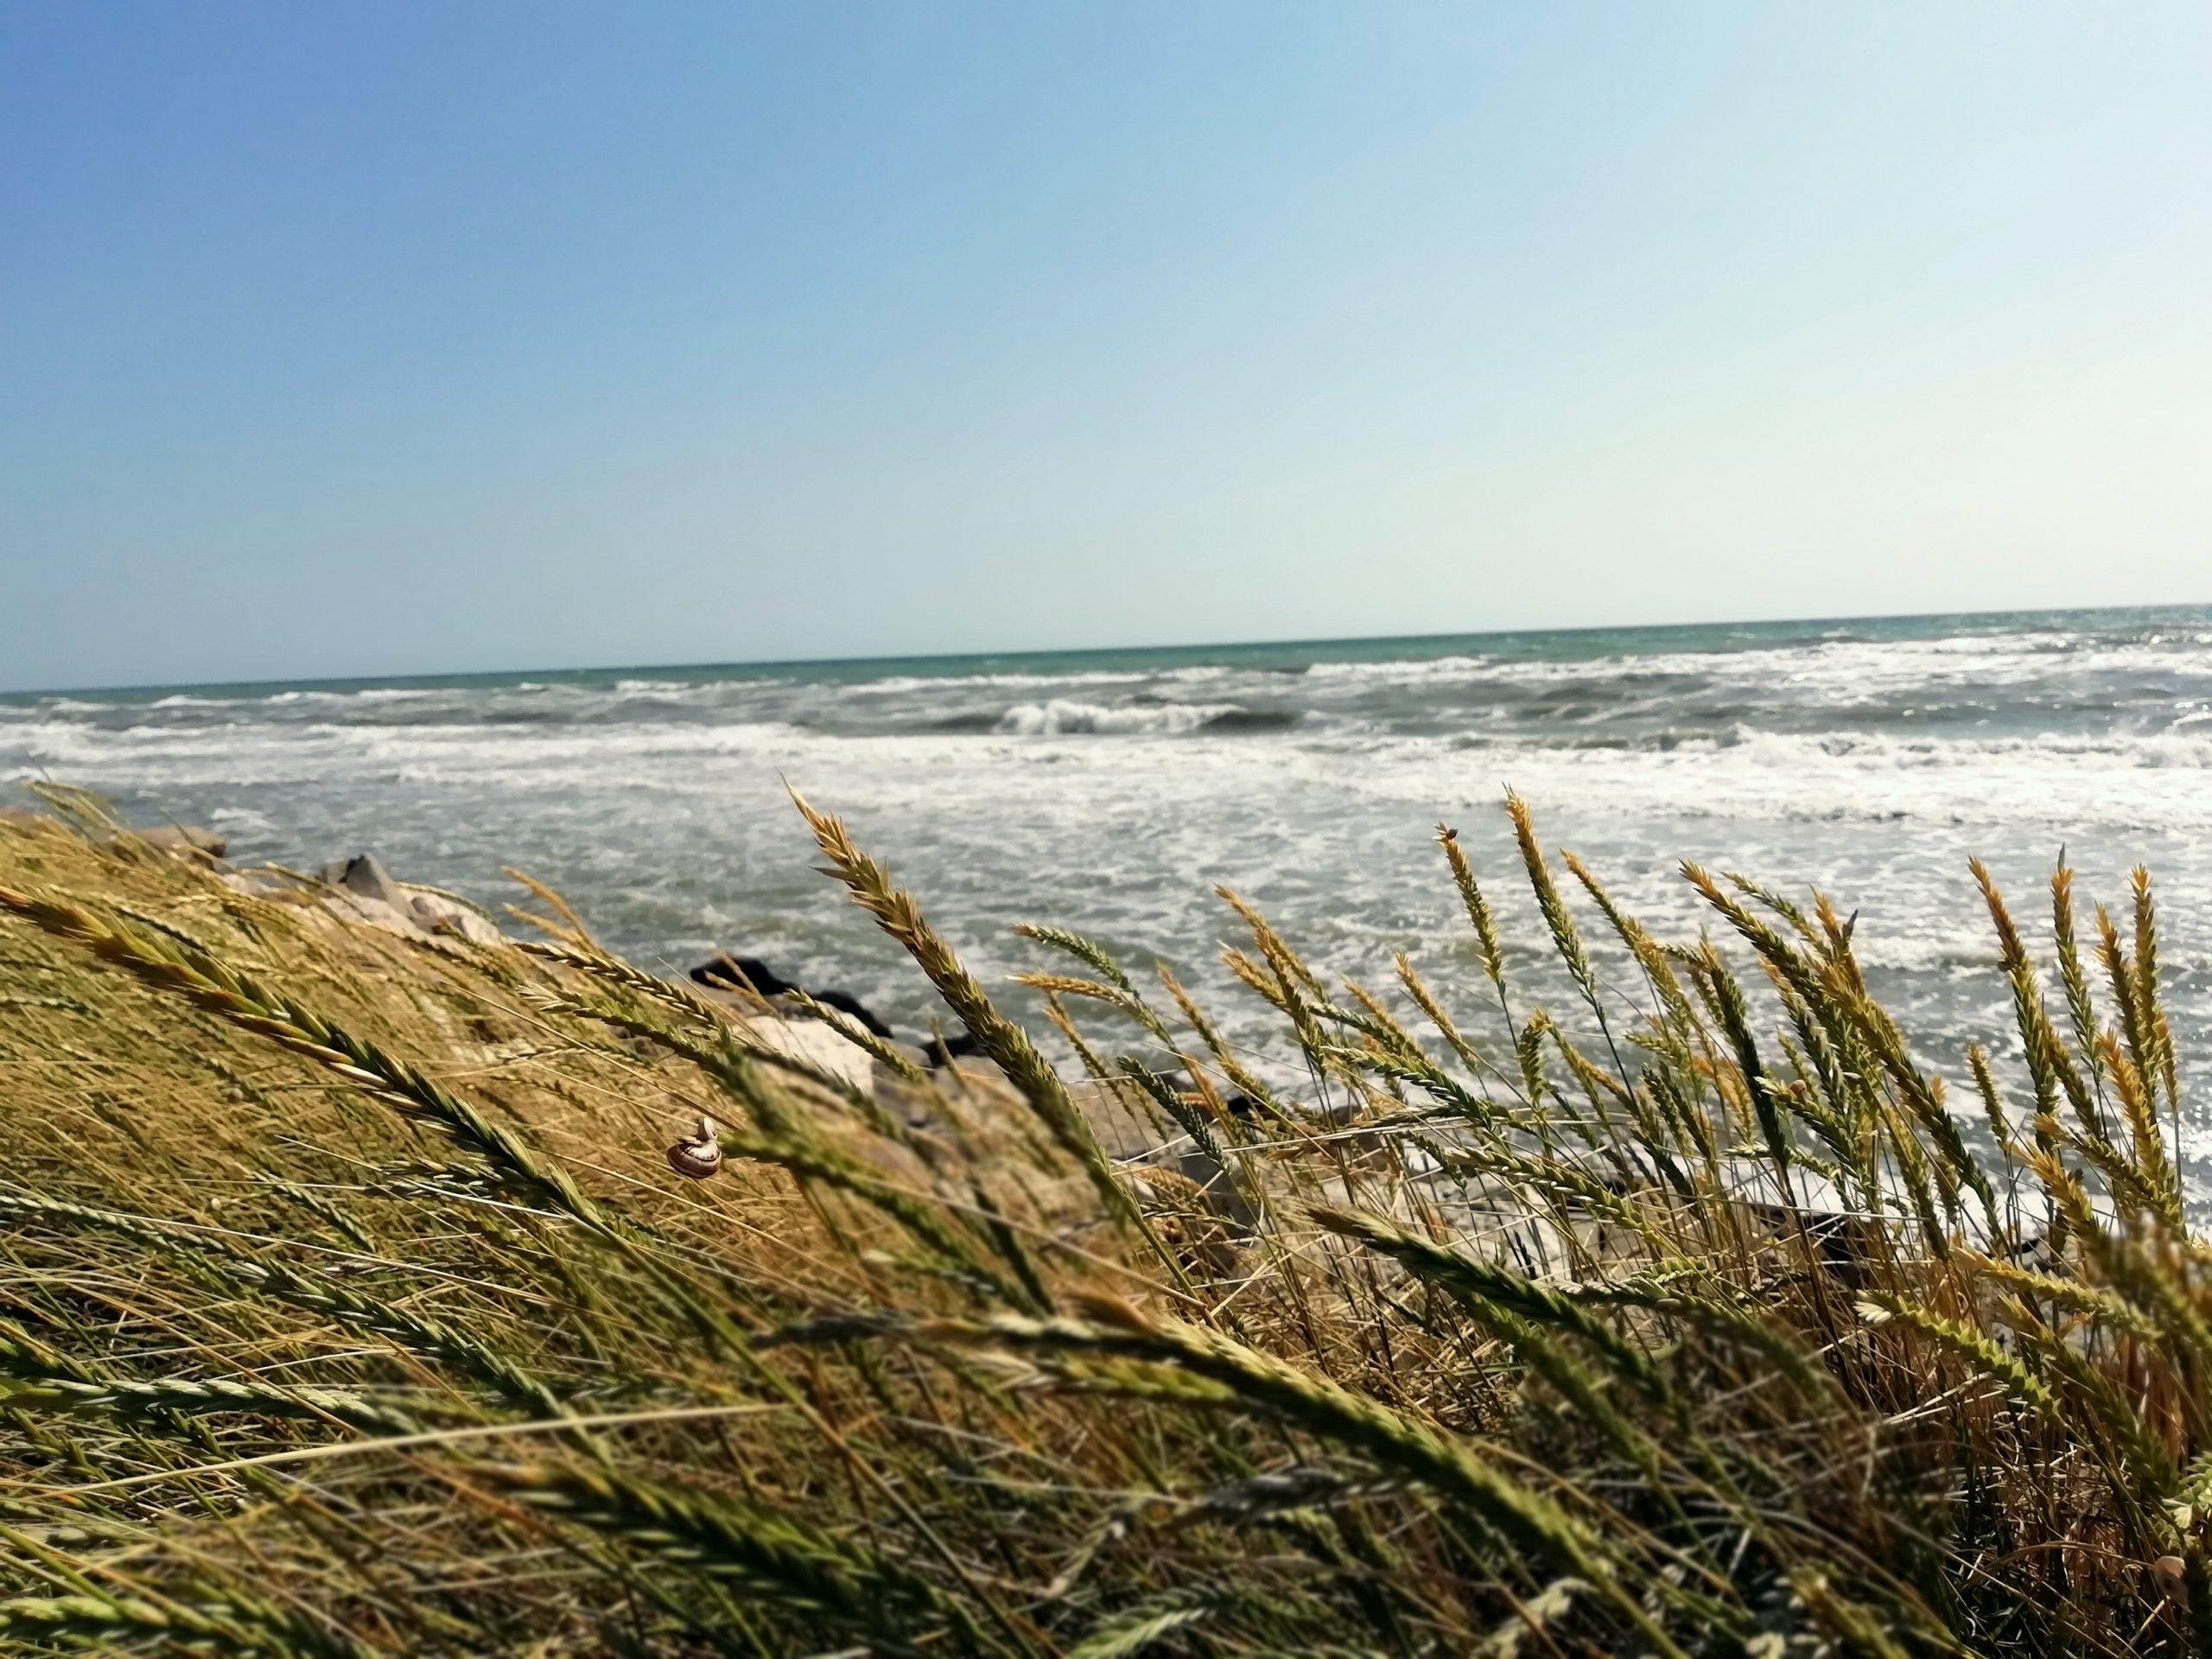 avena selvatica e mare sullo sfondo